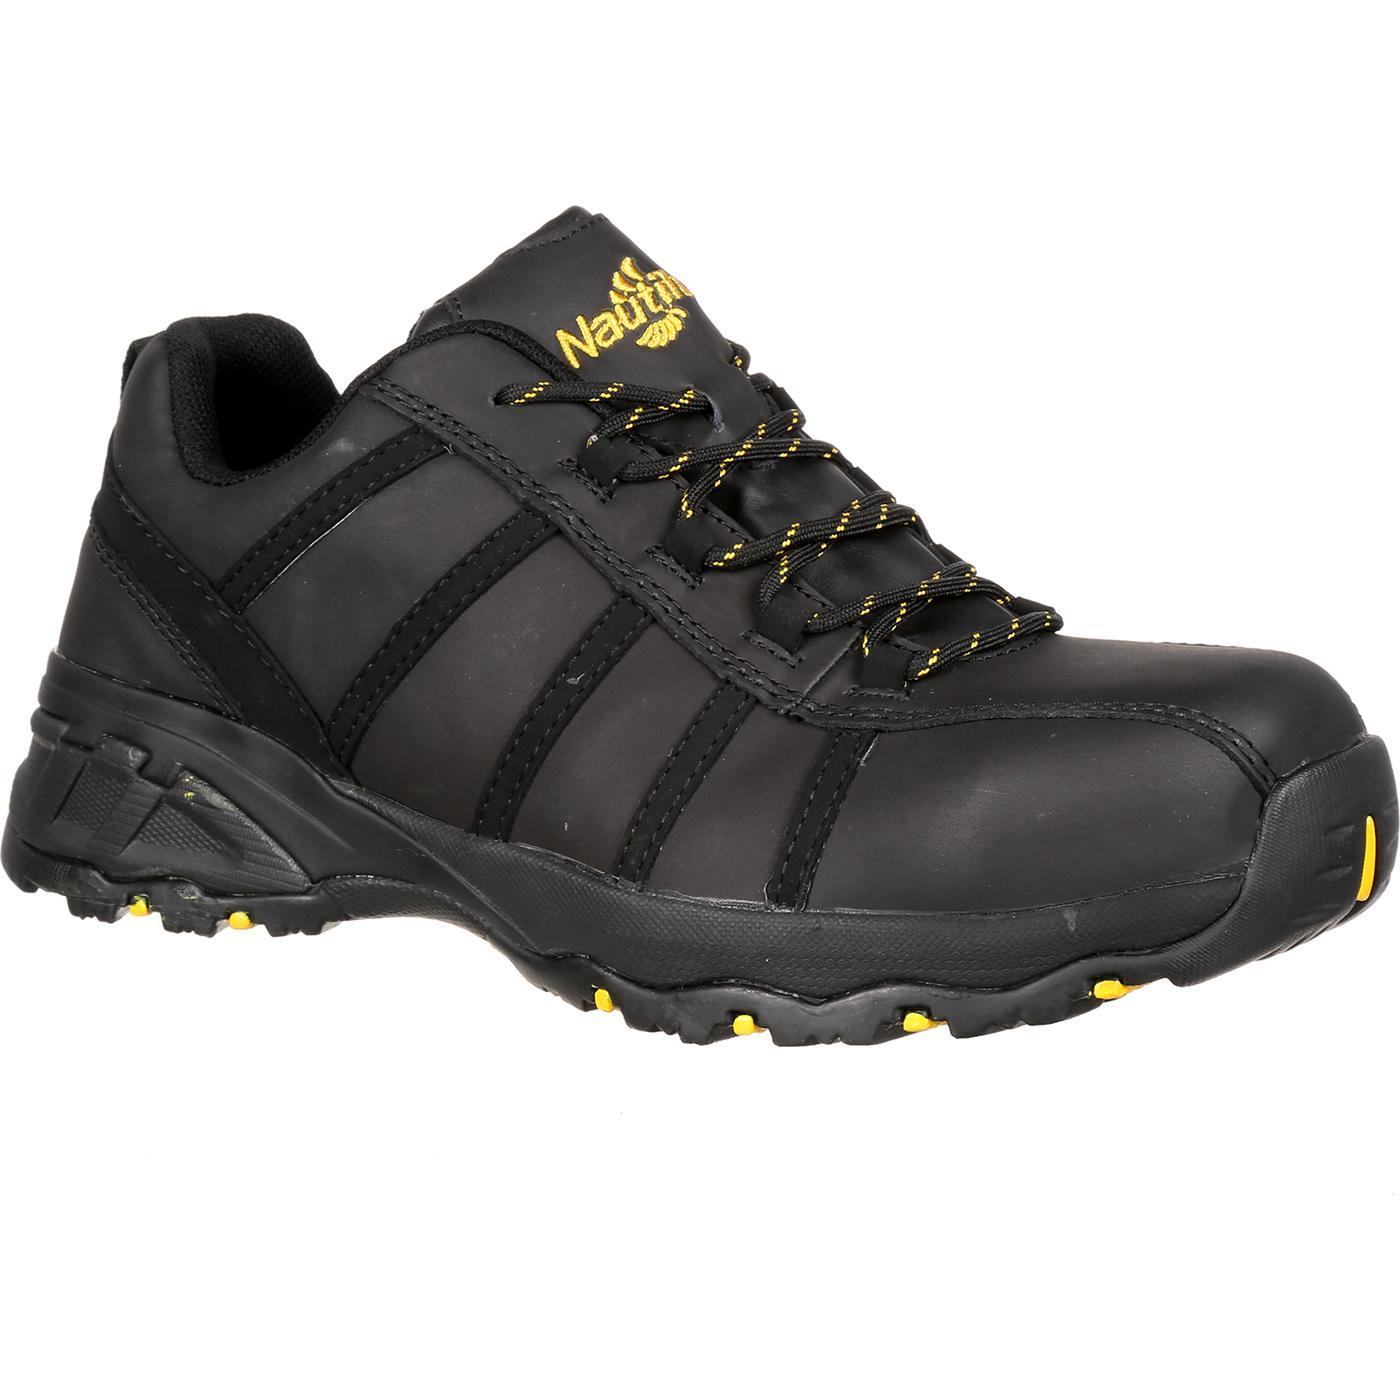 Composite Toe Shoes Vs Steel